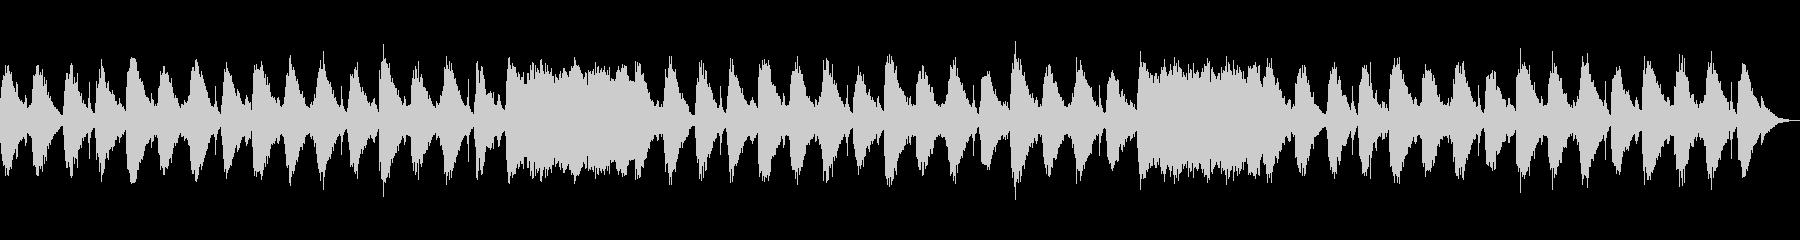 柔らかいサウンドのヒーリング音楽の未再生の波形